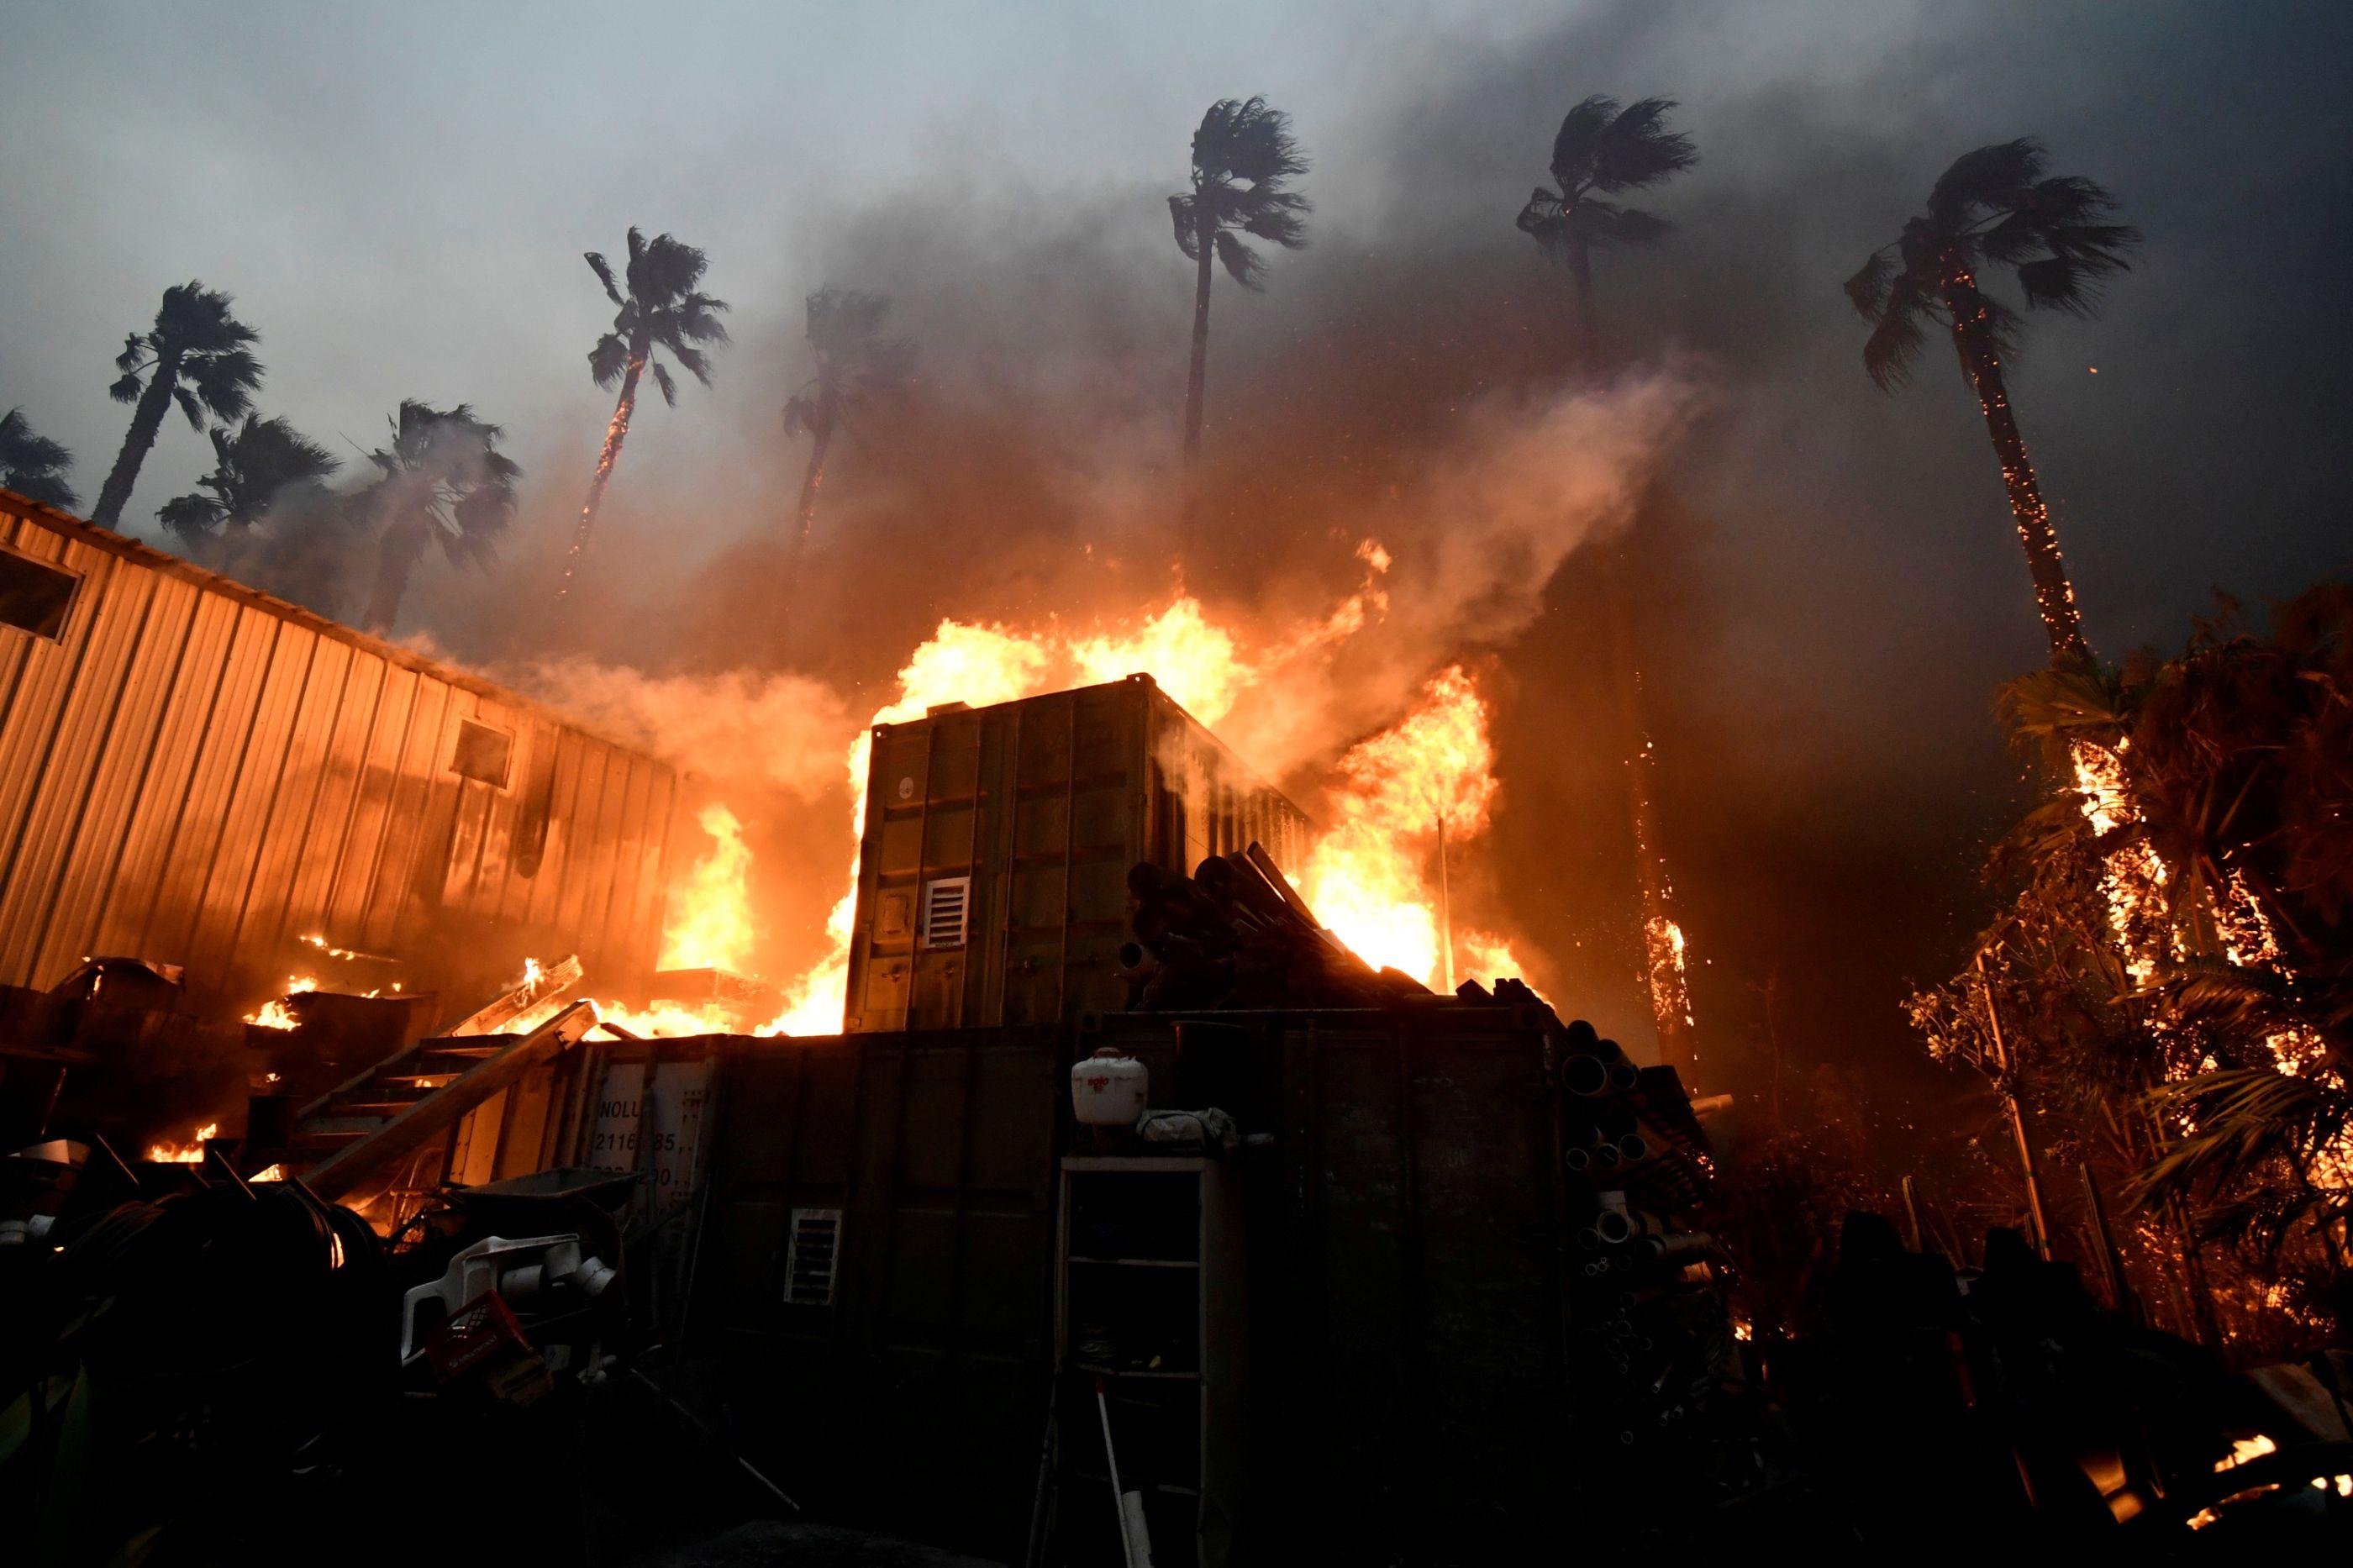 Califórnia declarou estado de emergência devido ao perigo de incêndios